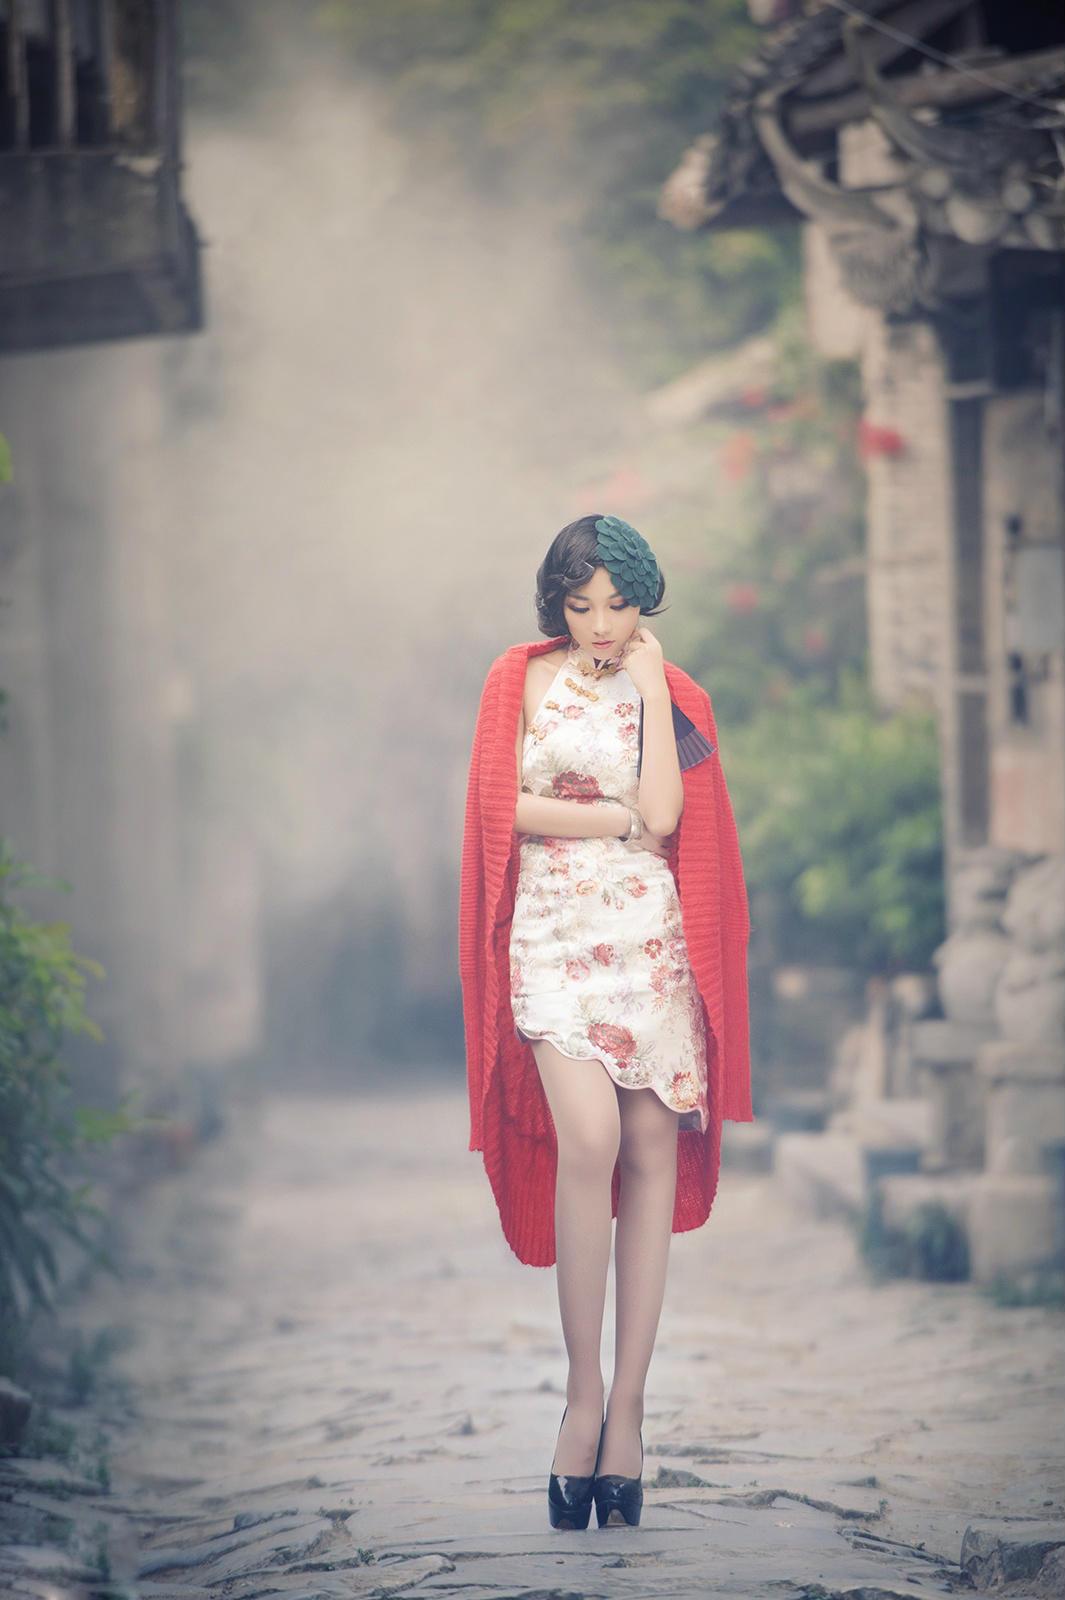 妩媚古典旗袍美女 小猪也浪漫的空间 竖